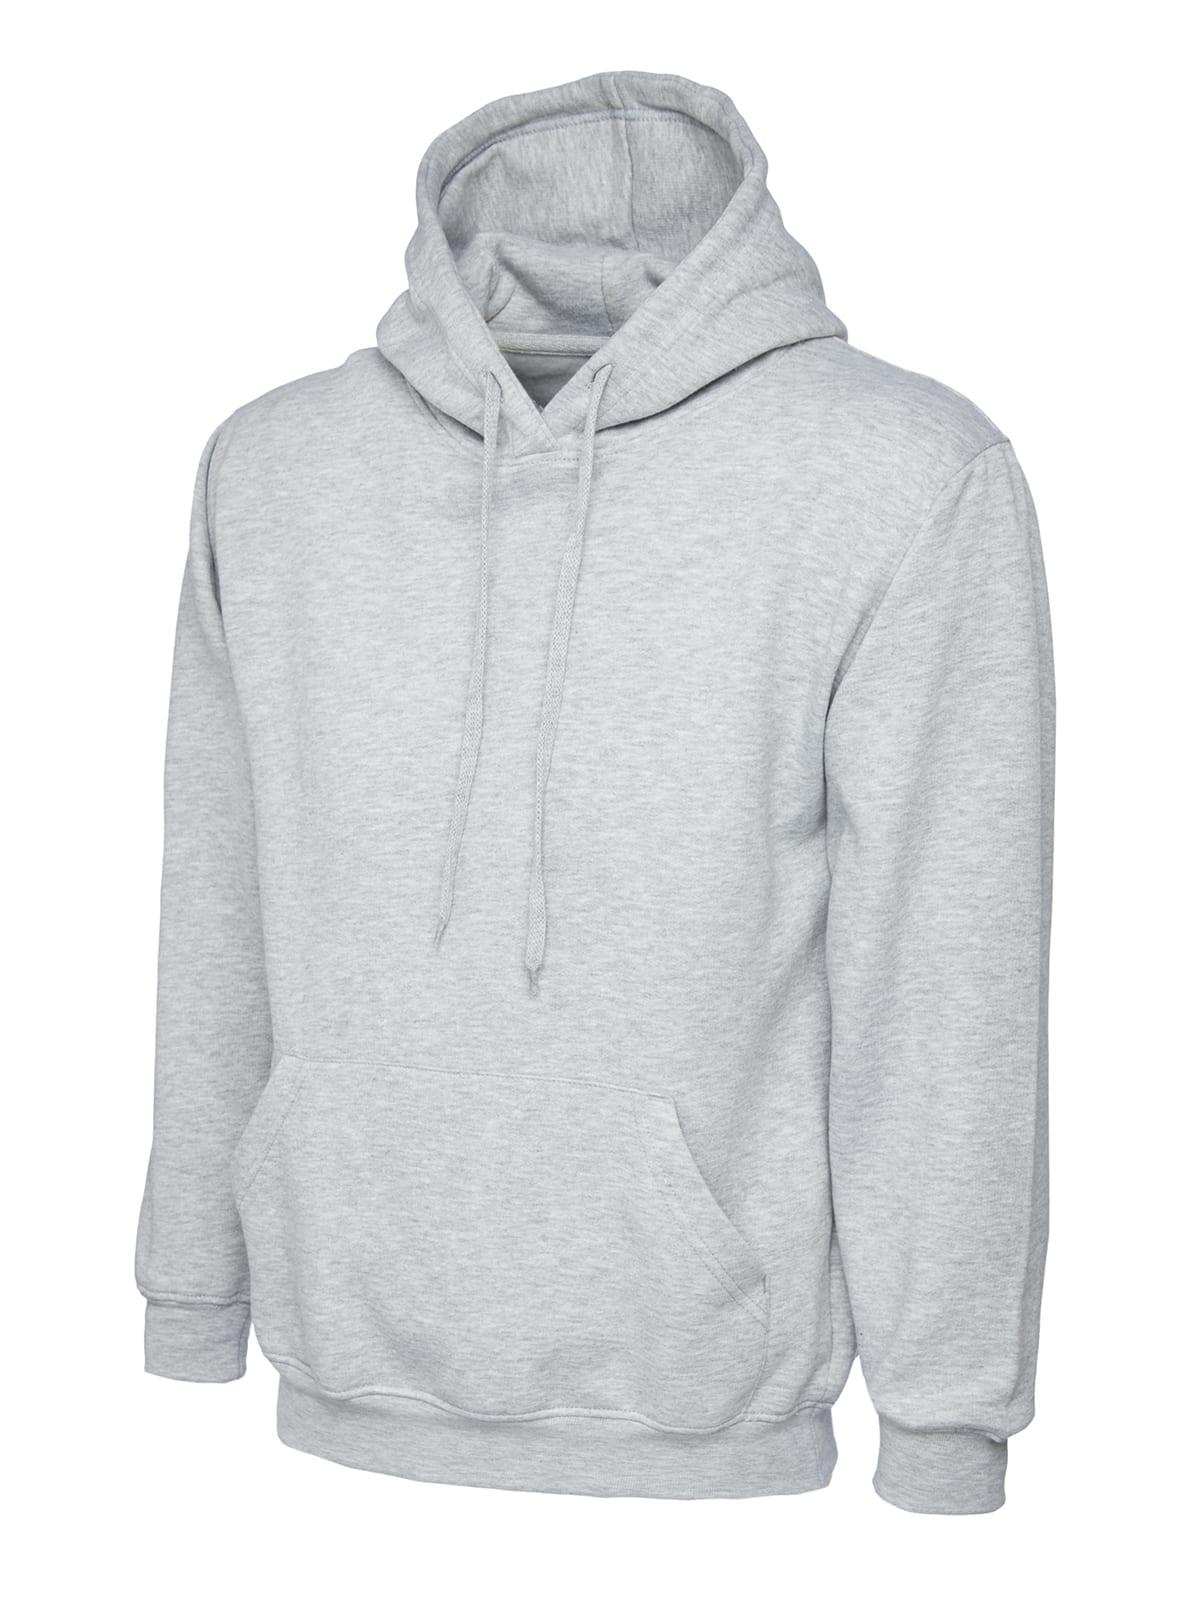 Classic Adult Hooded Sweatshirt